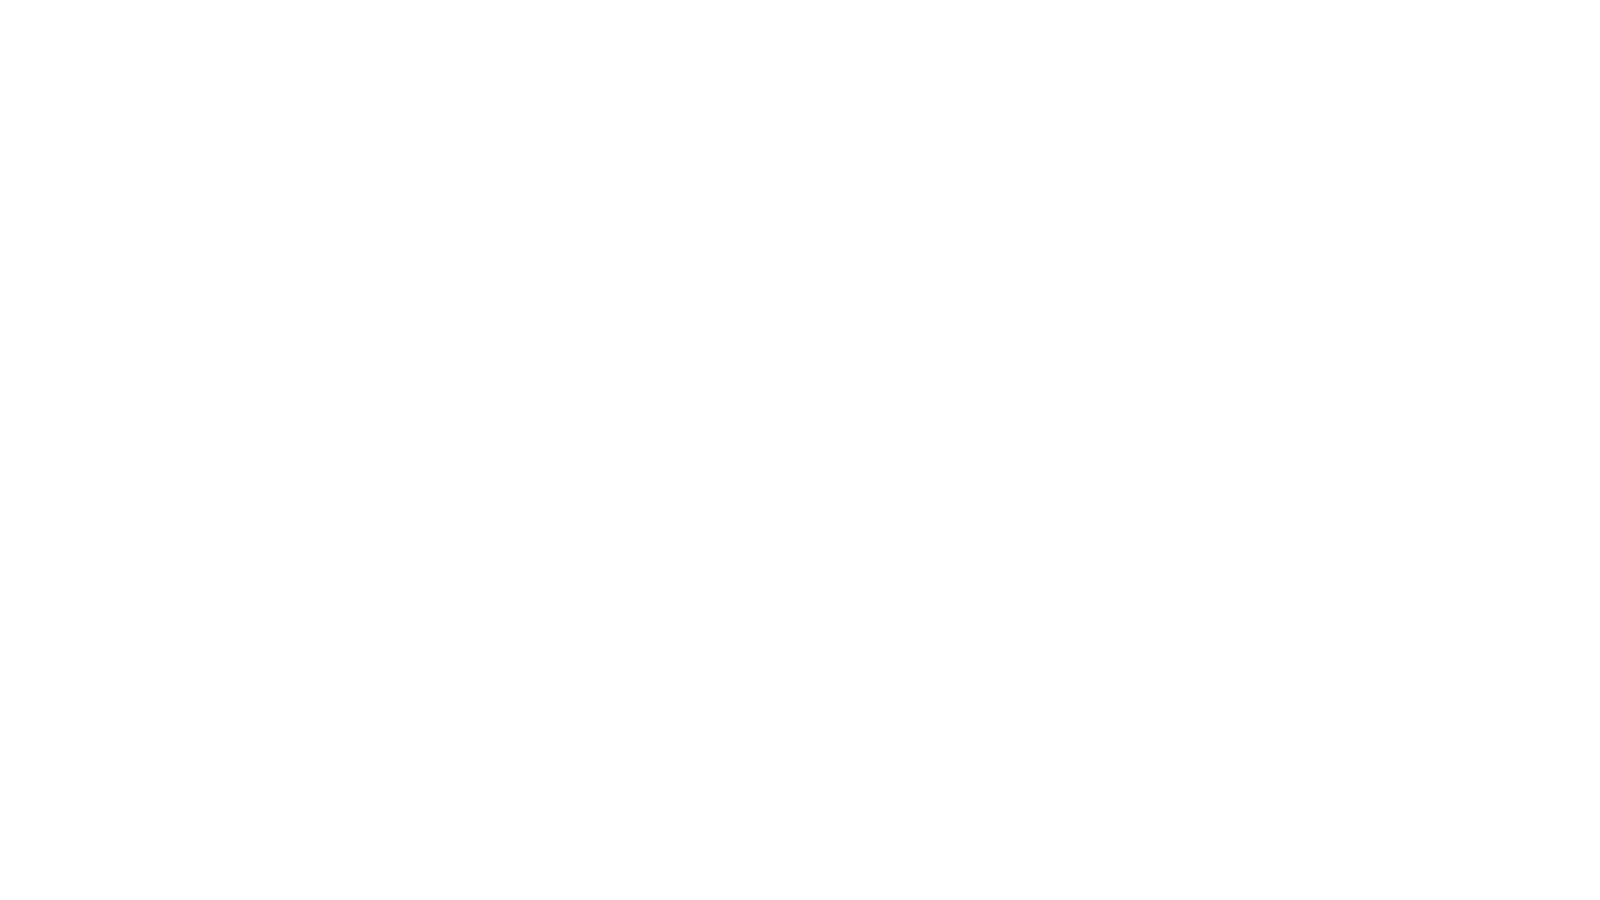 Principais títulos do Jornal das Caldas de 18 de agosto de 2021